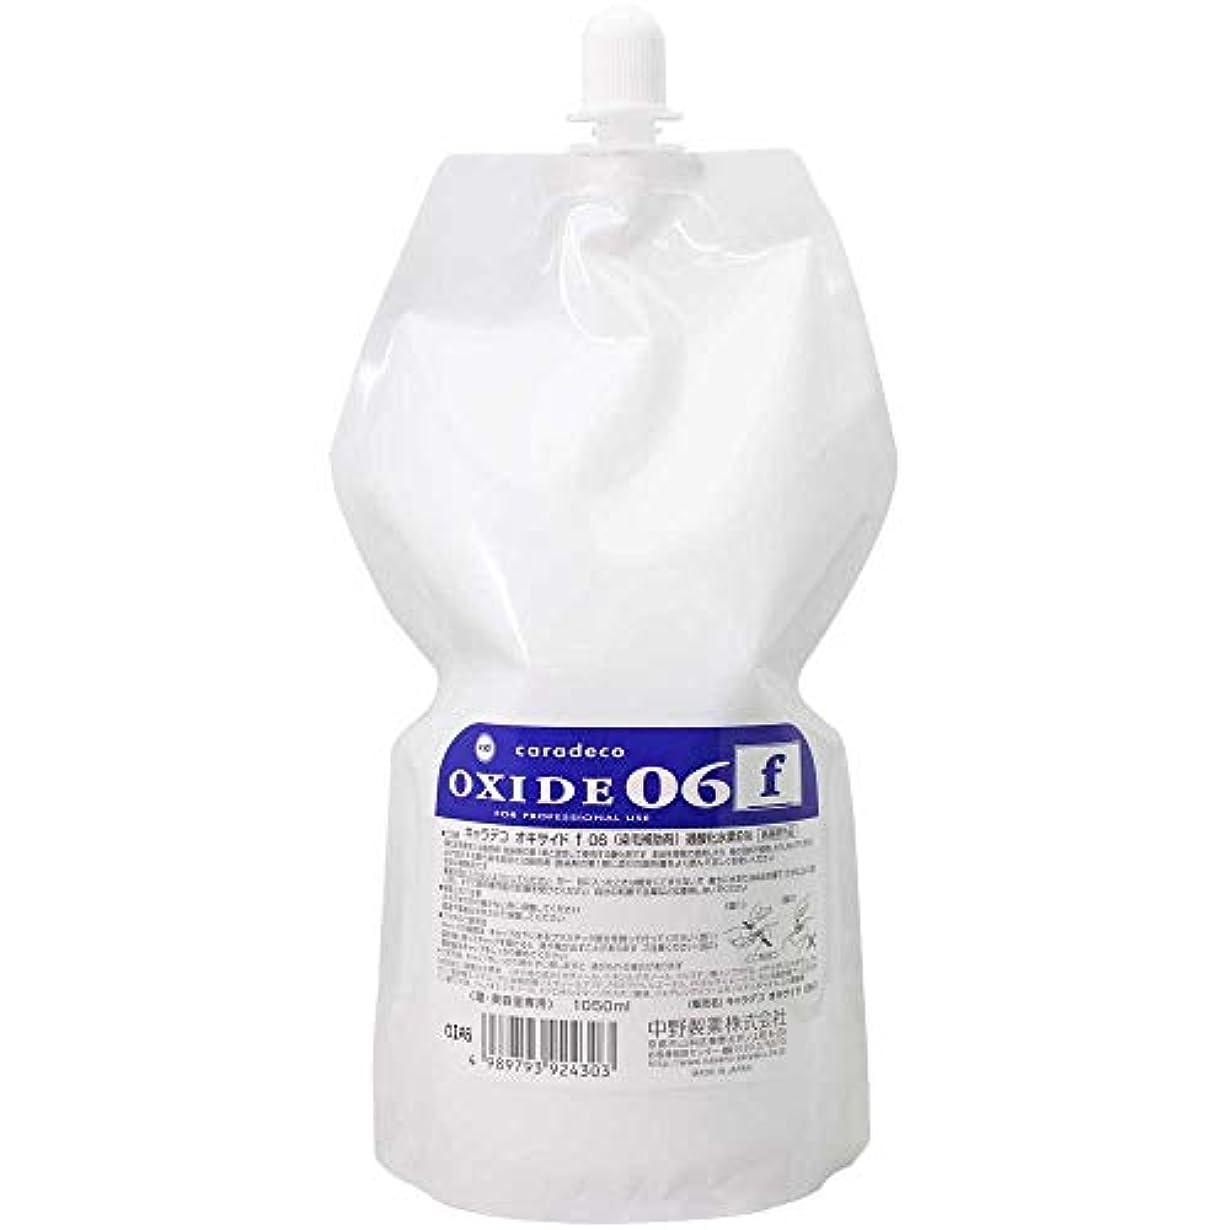 撤回する飢饉花瓶【ナカノ】キャラデコ オキサイドf 06 第2剤 (過酸化水素6%) 1050ml